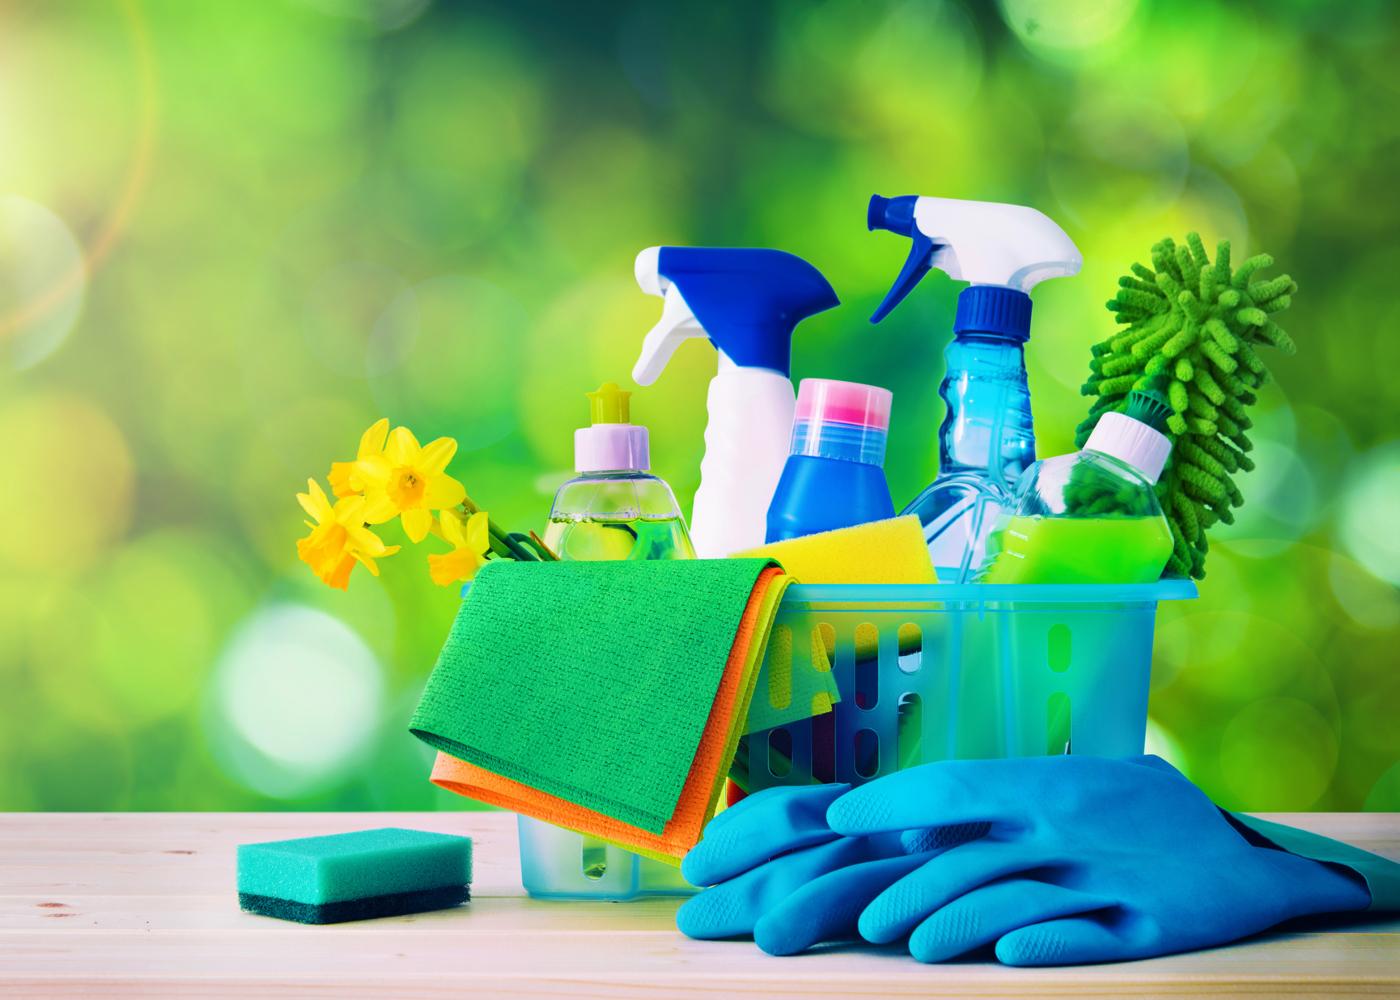 produtos de limpeza e acessórios